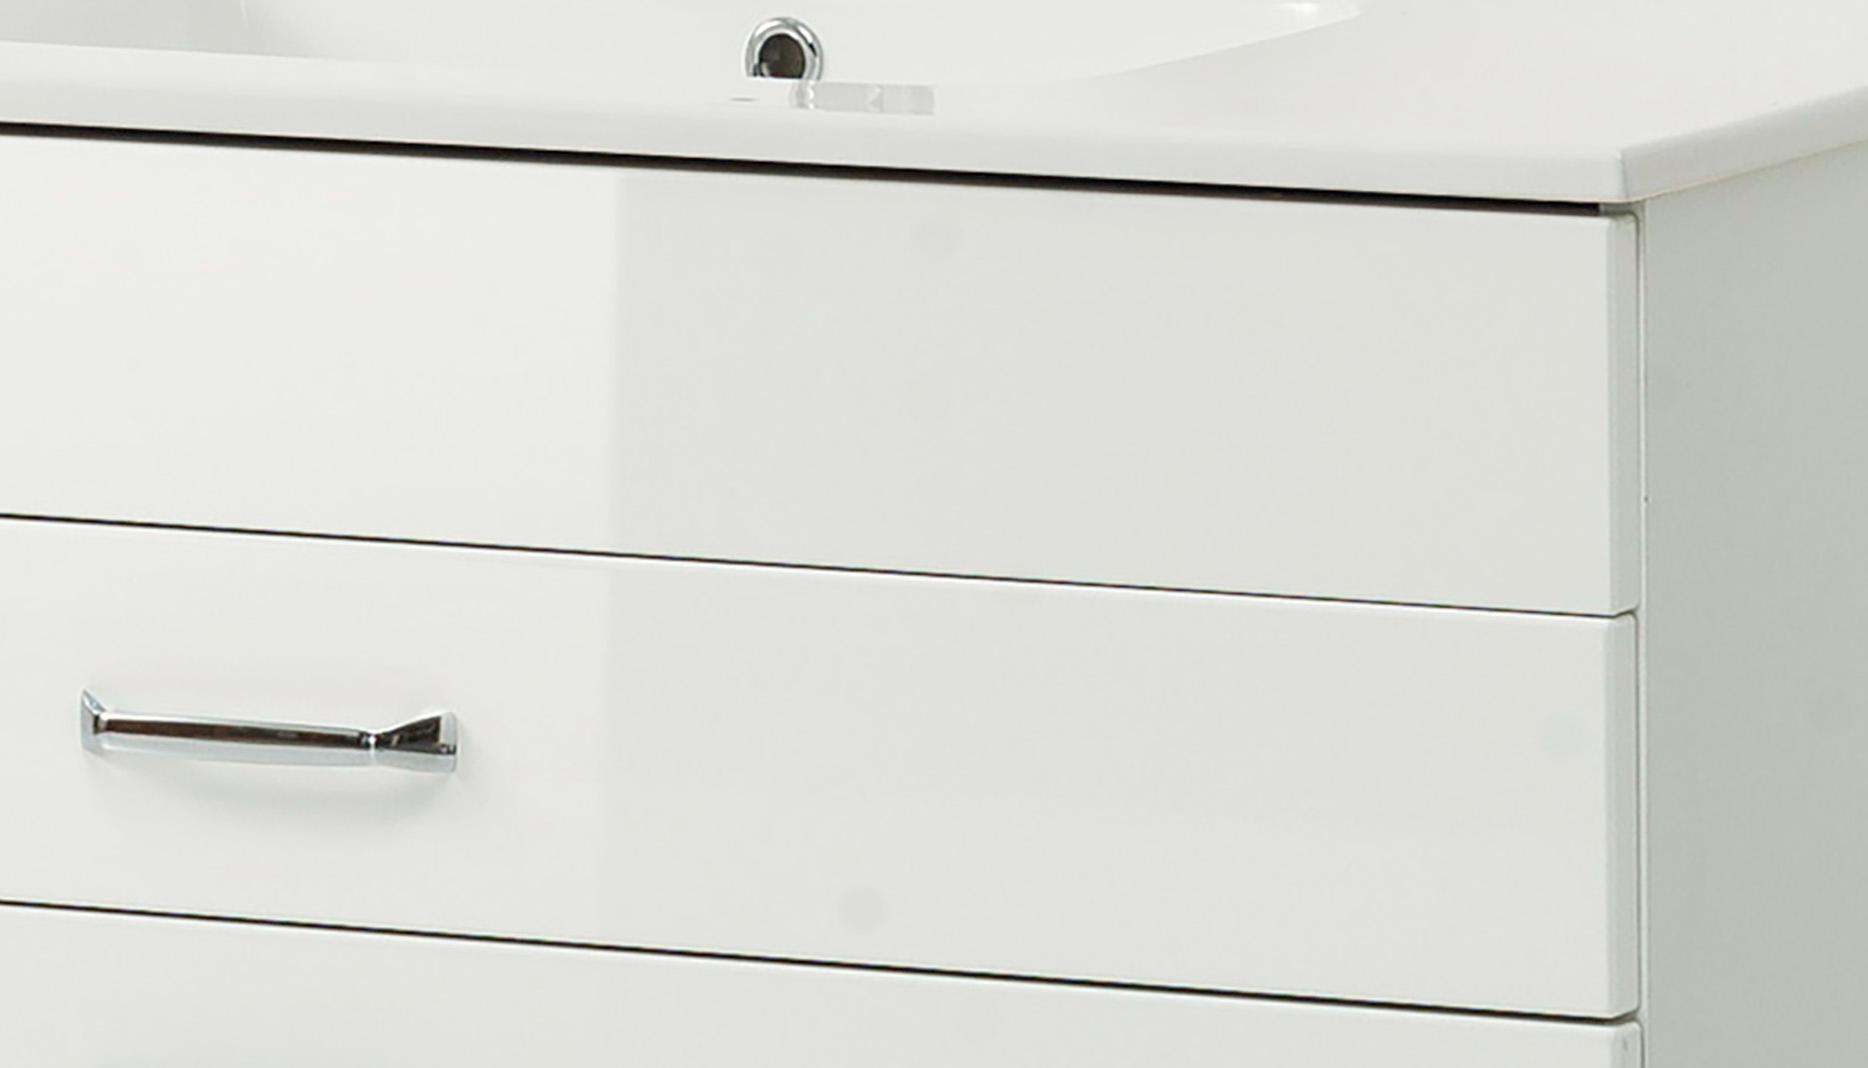 waschtisch mit unterschrank 100 cm waschbeckenunterschrank becken hochglanz wei ebay. Black Bedroom Furniture Sets. Home Design Ideas